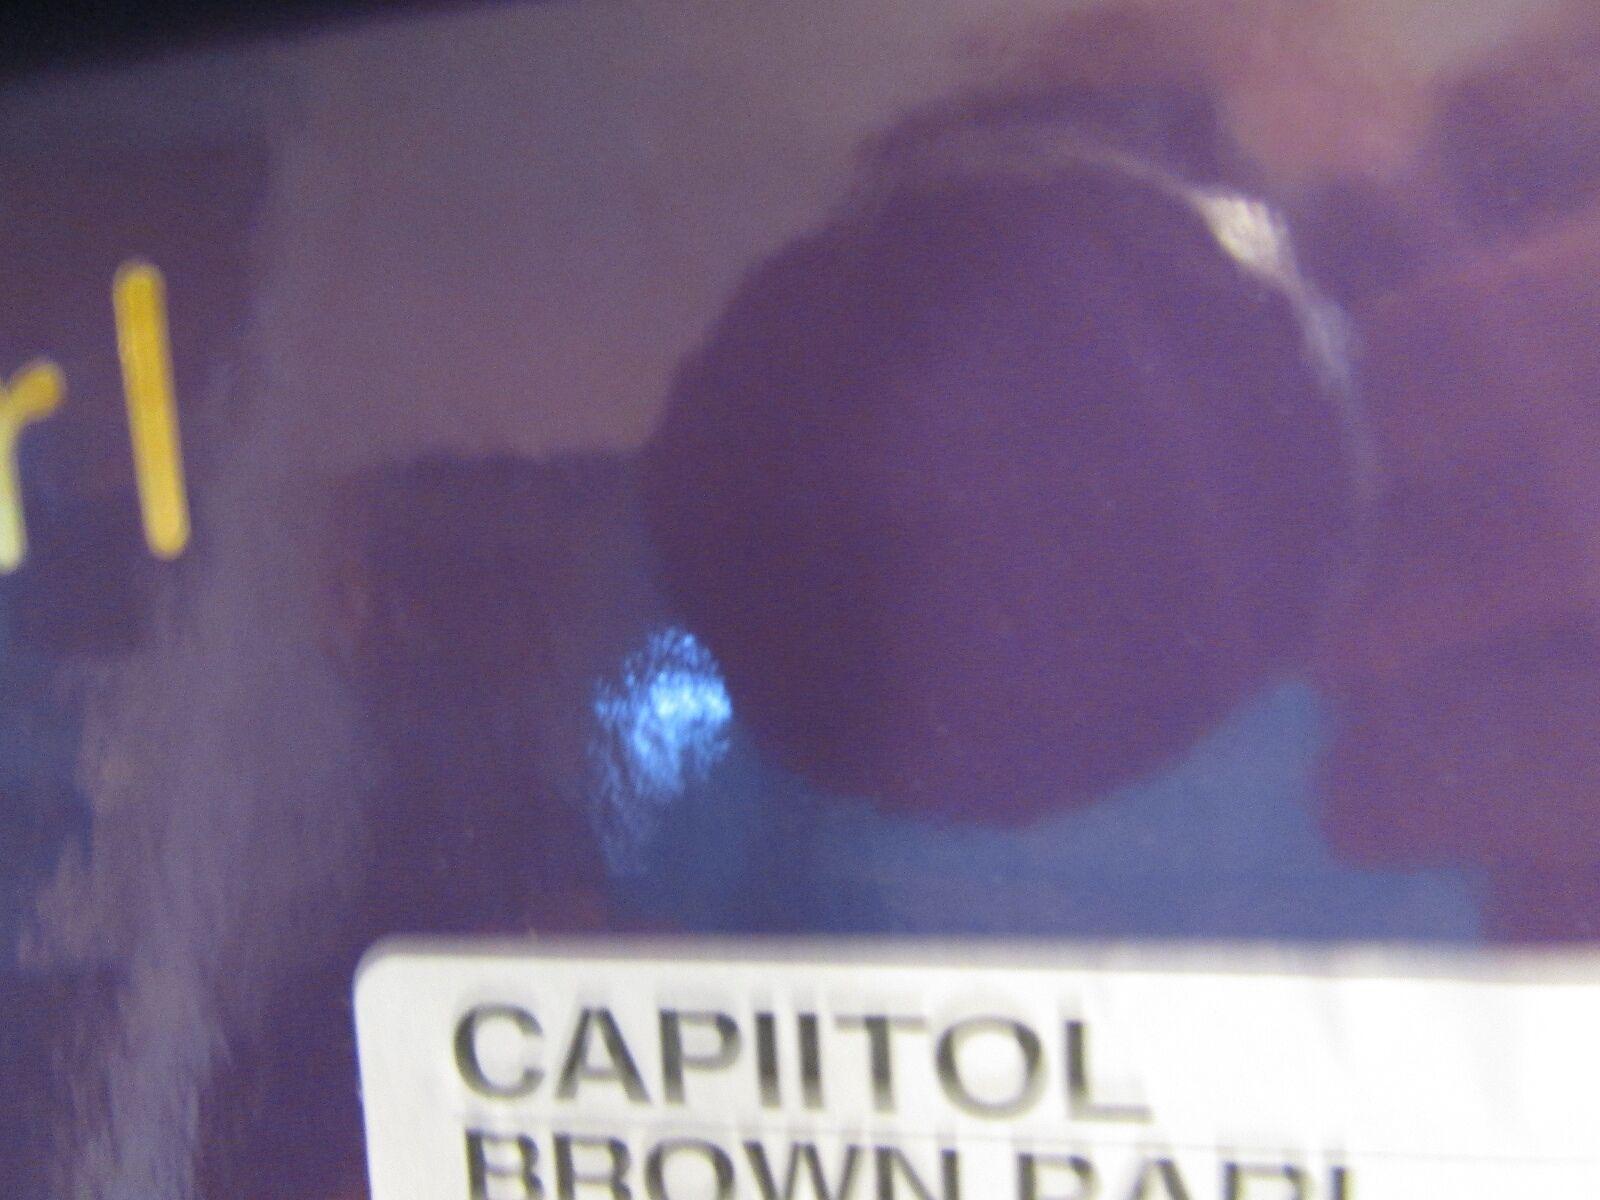 NEW STEVE MADDEN MADDEN GIRL CAPIITOL CAPITOL TALL BOOTS Damenschuhe 6 BROWN RIDING